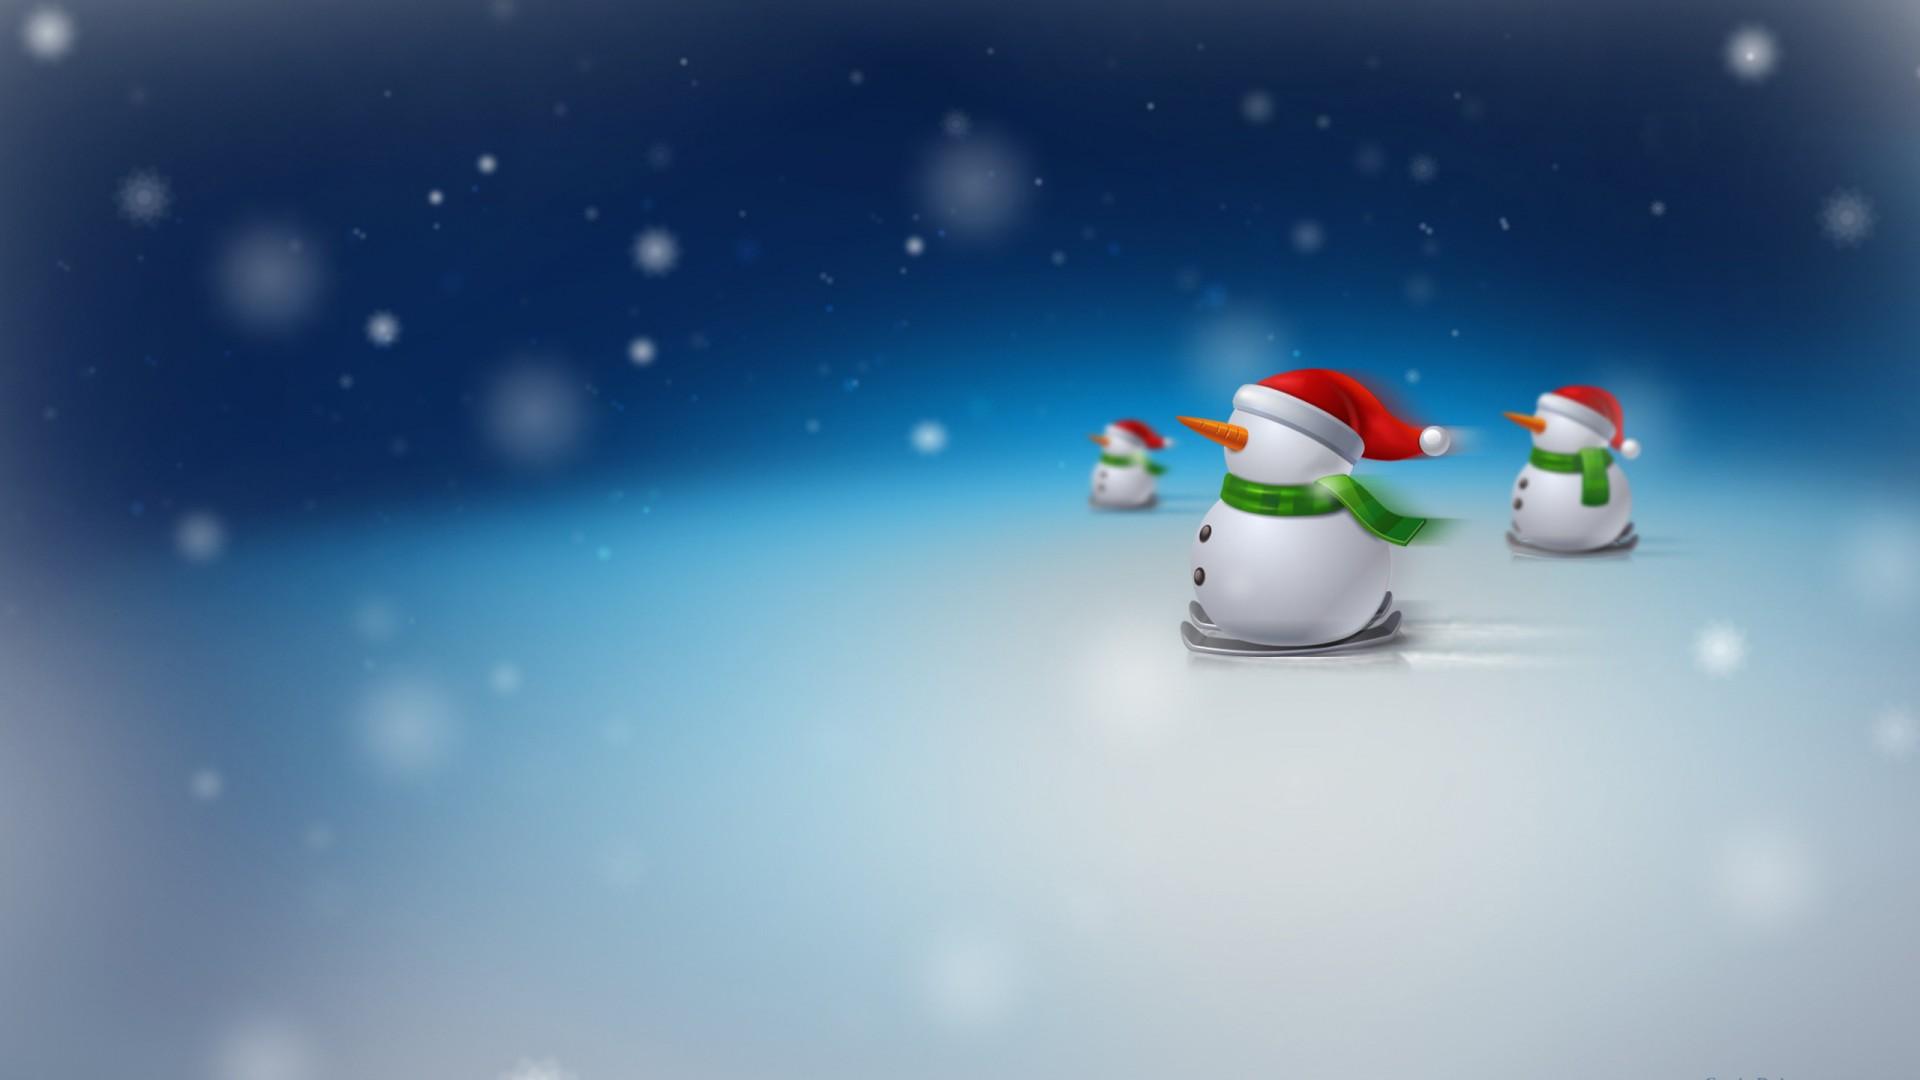 Merry Christmas Desktop Wallpaper 3d Christmas Snowman Santa Hats Wallpapers Hd Wallpapers